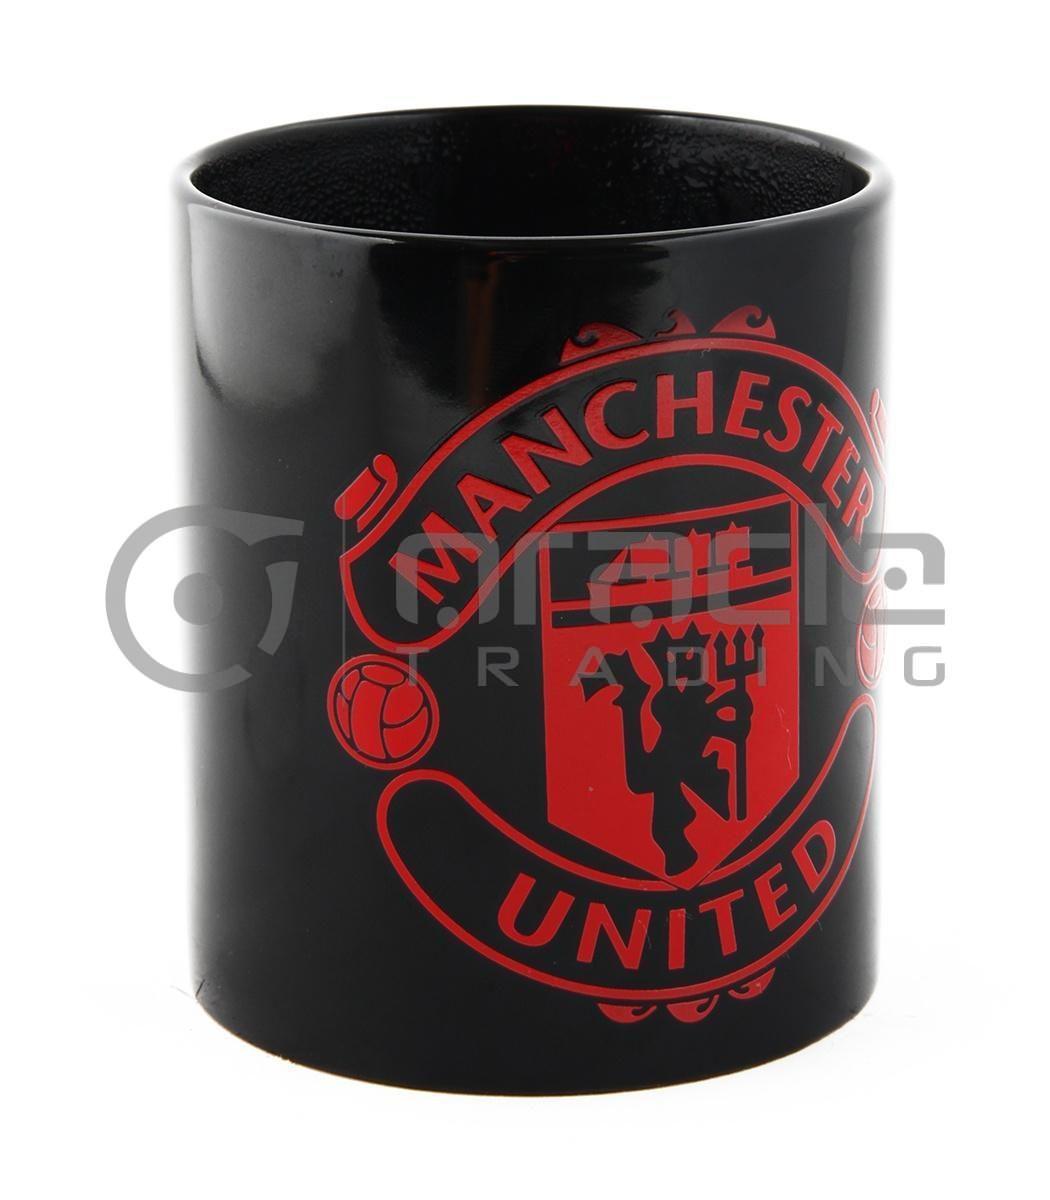 Manchester United Heat Reveal Mug (Boxed)